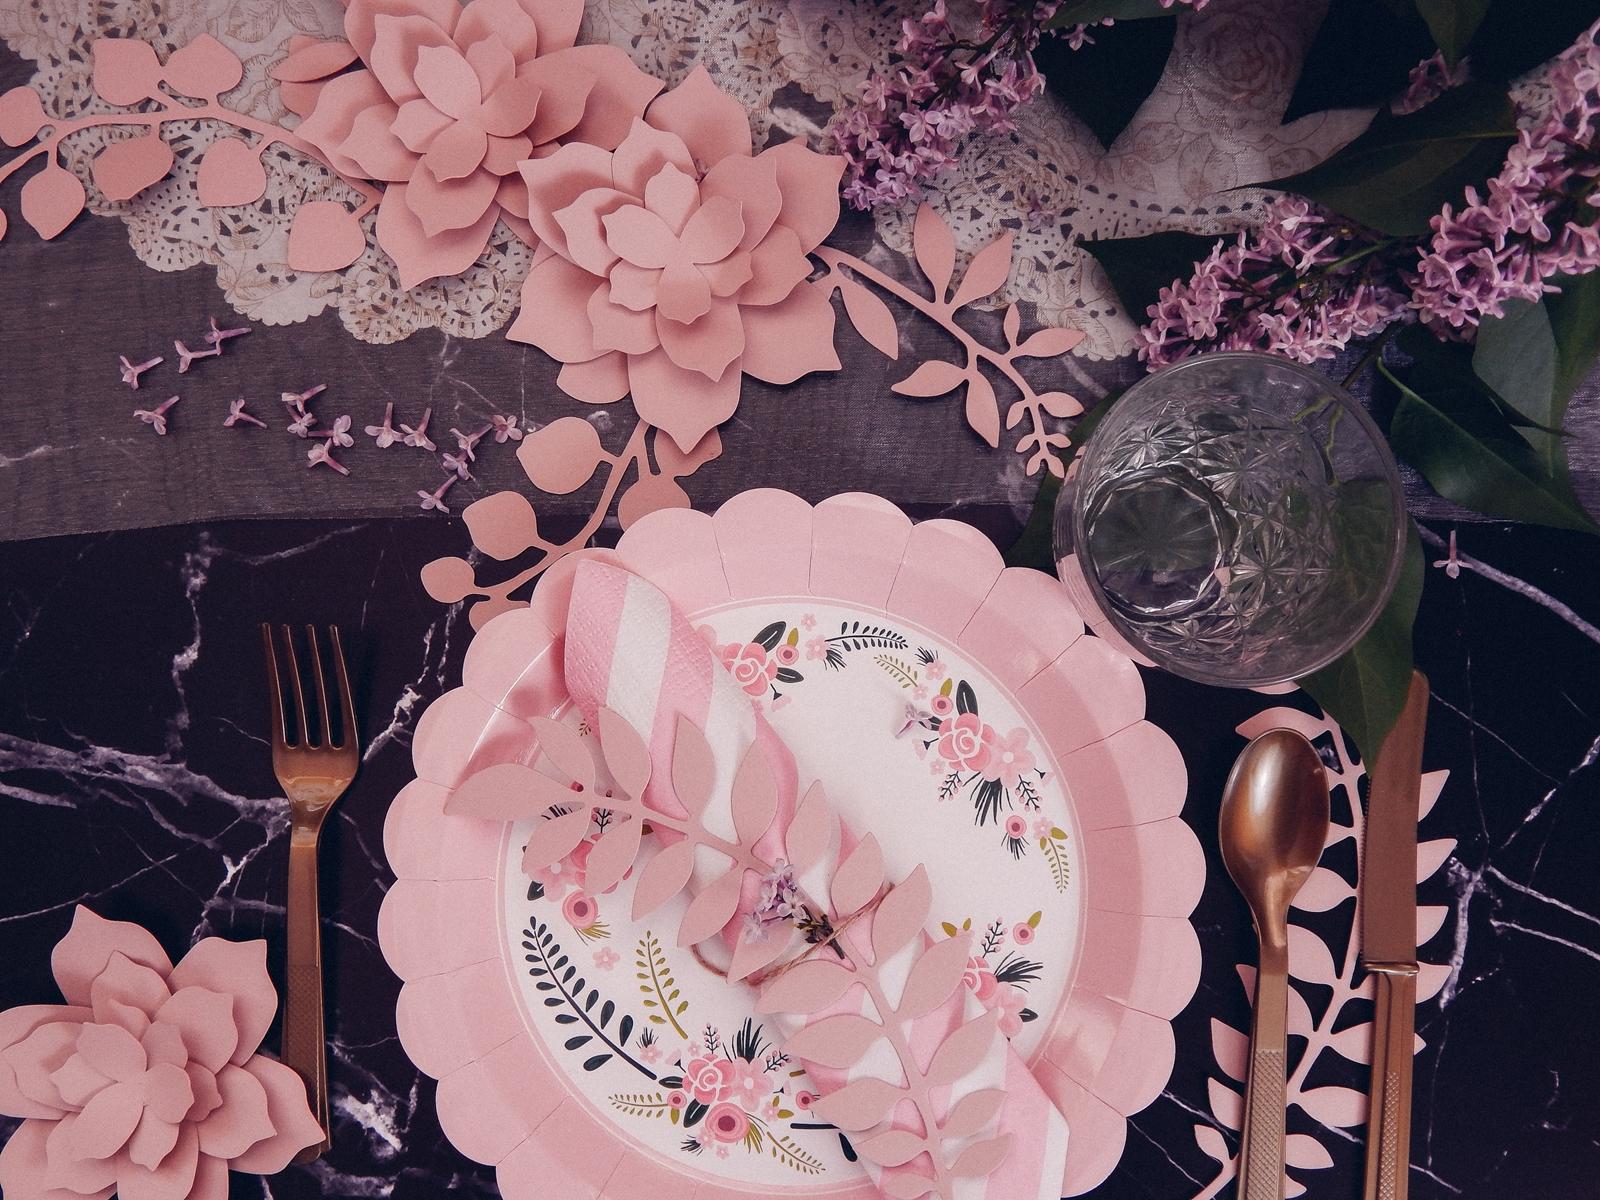 1 partybox.pl imprezu urodziny stroje dodatki na imprezę dekoracje nakrycia akcesoria imprezowe jak udekorować stół na dzień mamy pomysły na dzień matki śniadanie obiad pomysły wystrój stołu melodylaniella